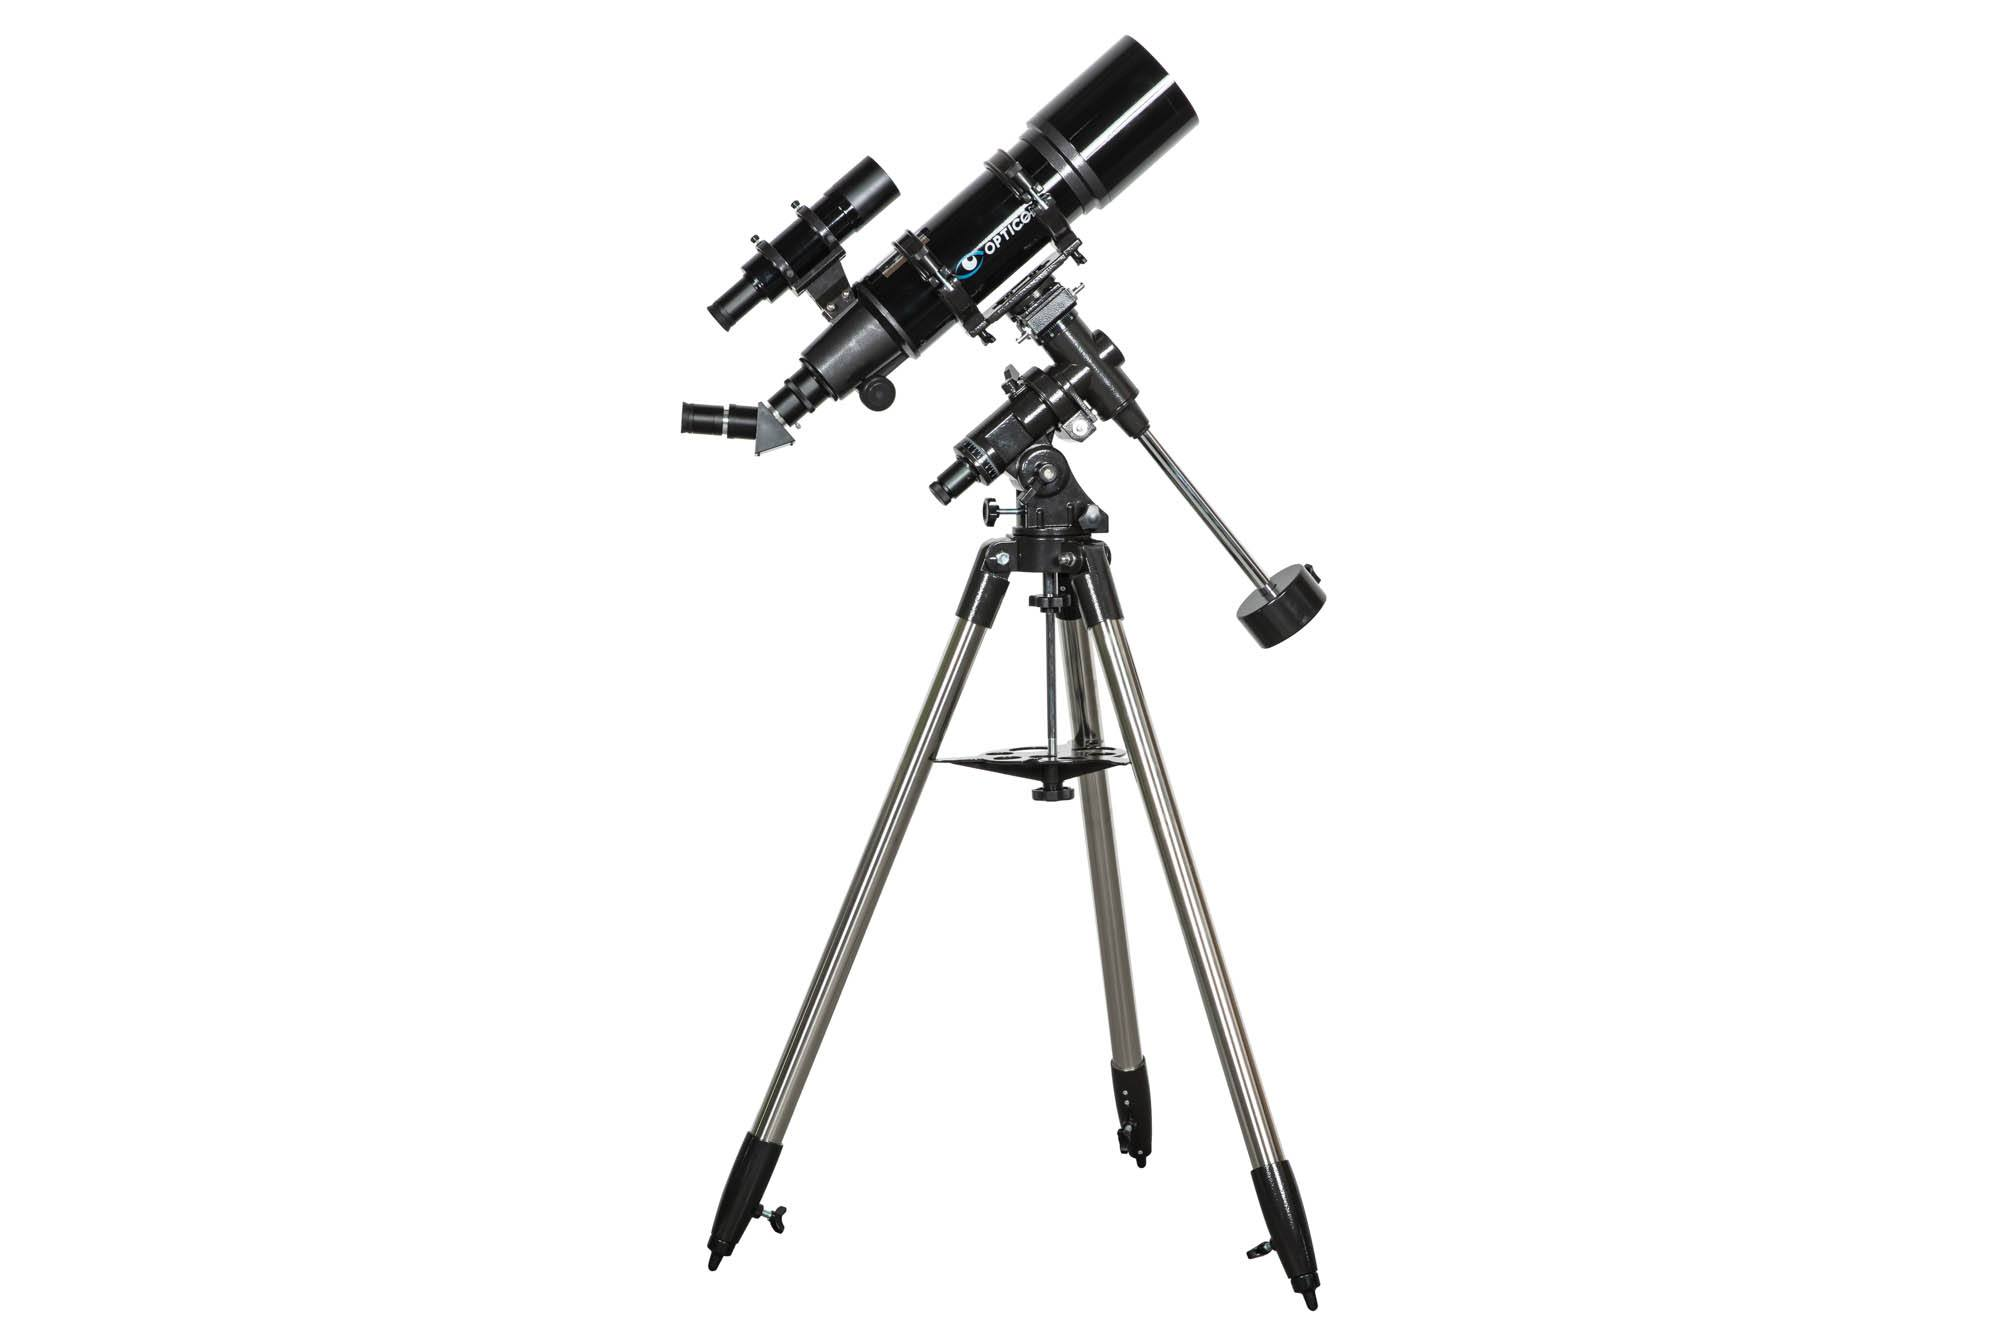 teleskop soczewkowy od marki Opticon_space traveler